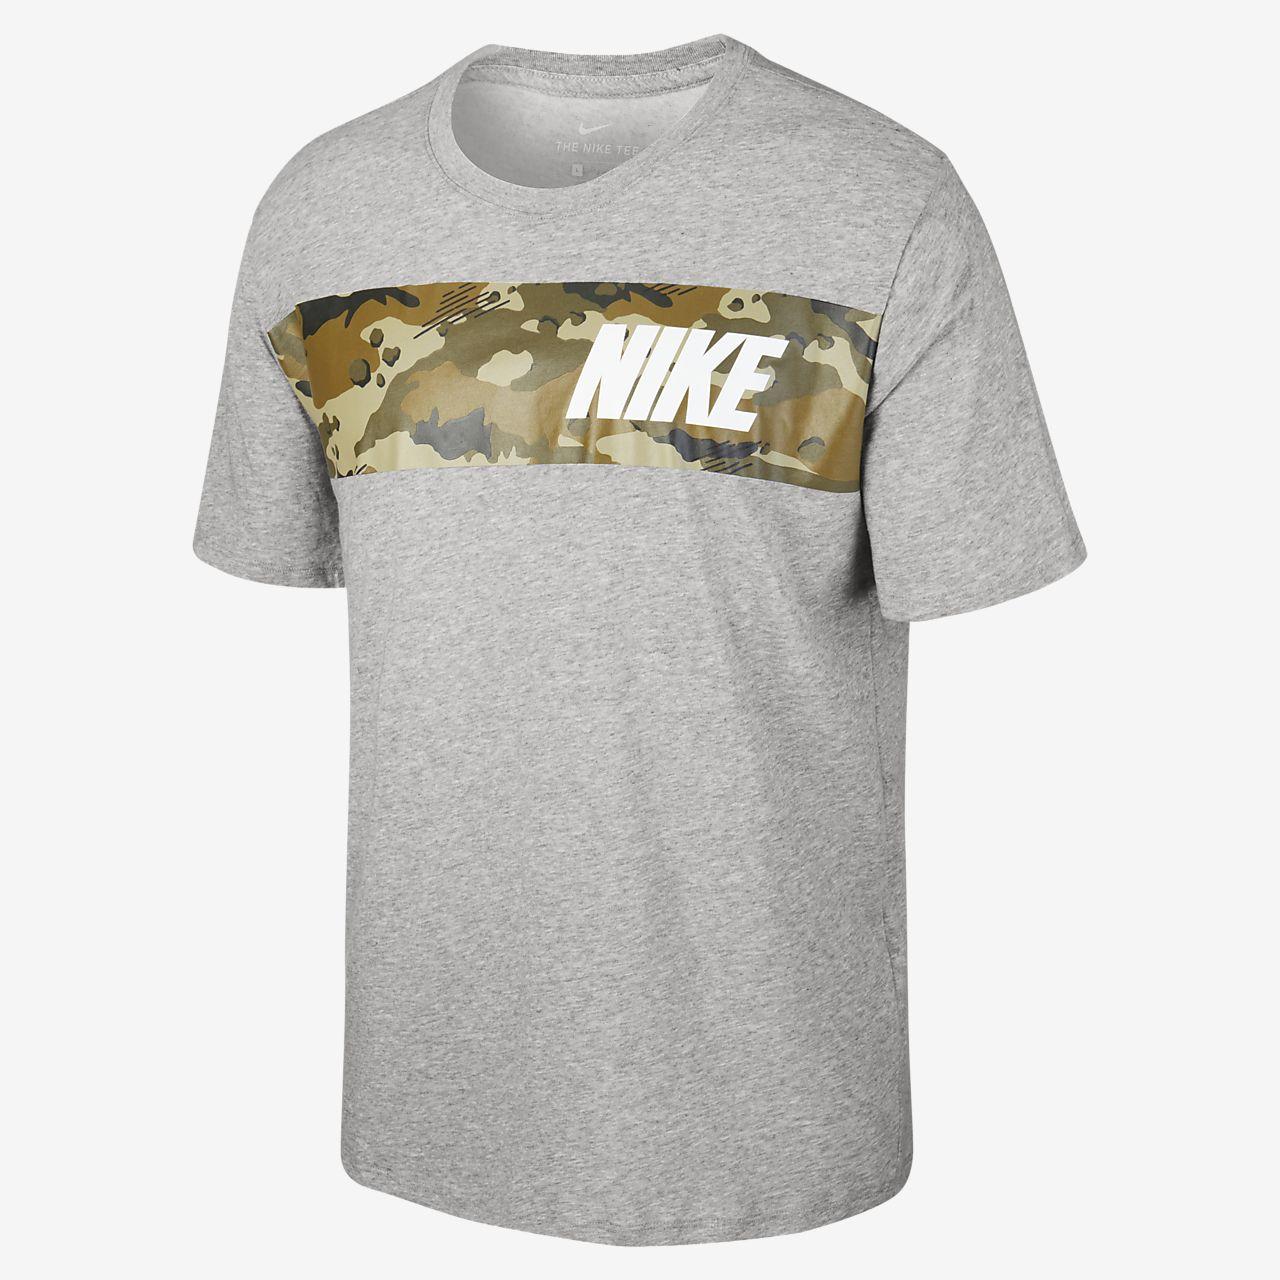 Dri Shirt Training Pour Fit Tee De Homme Be Nike q6zfddIxw